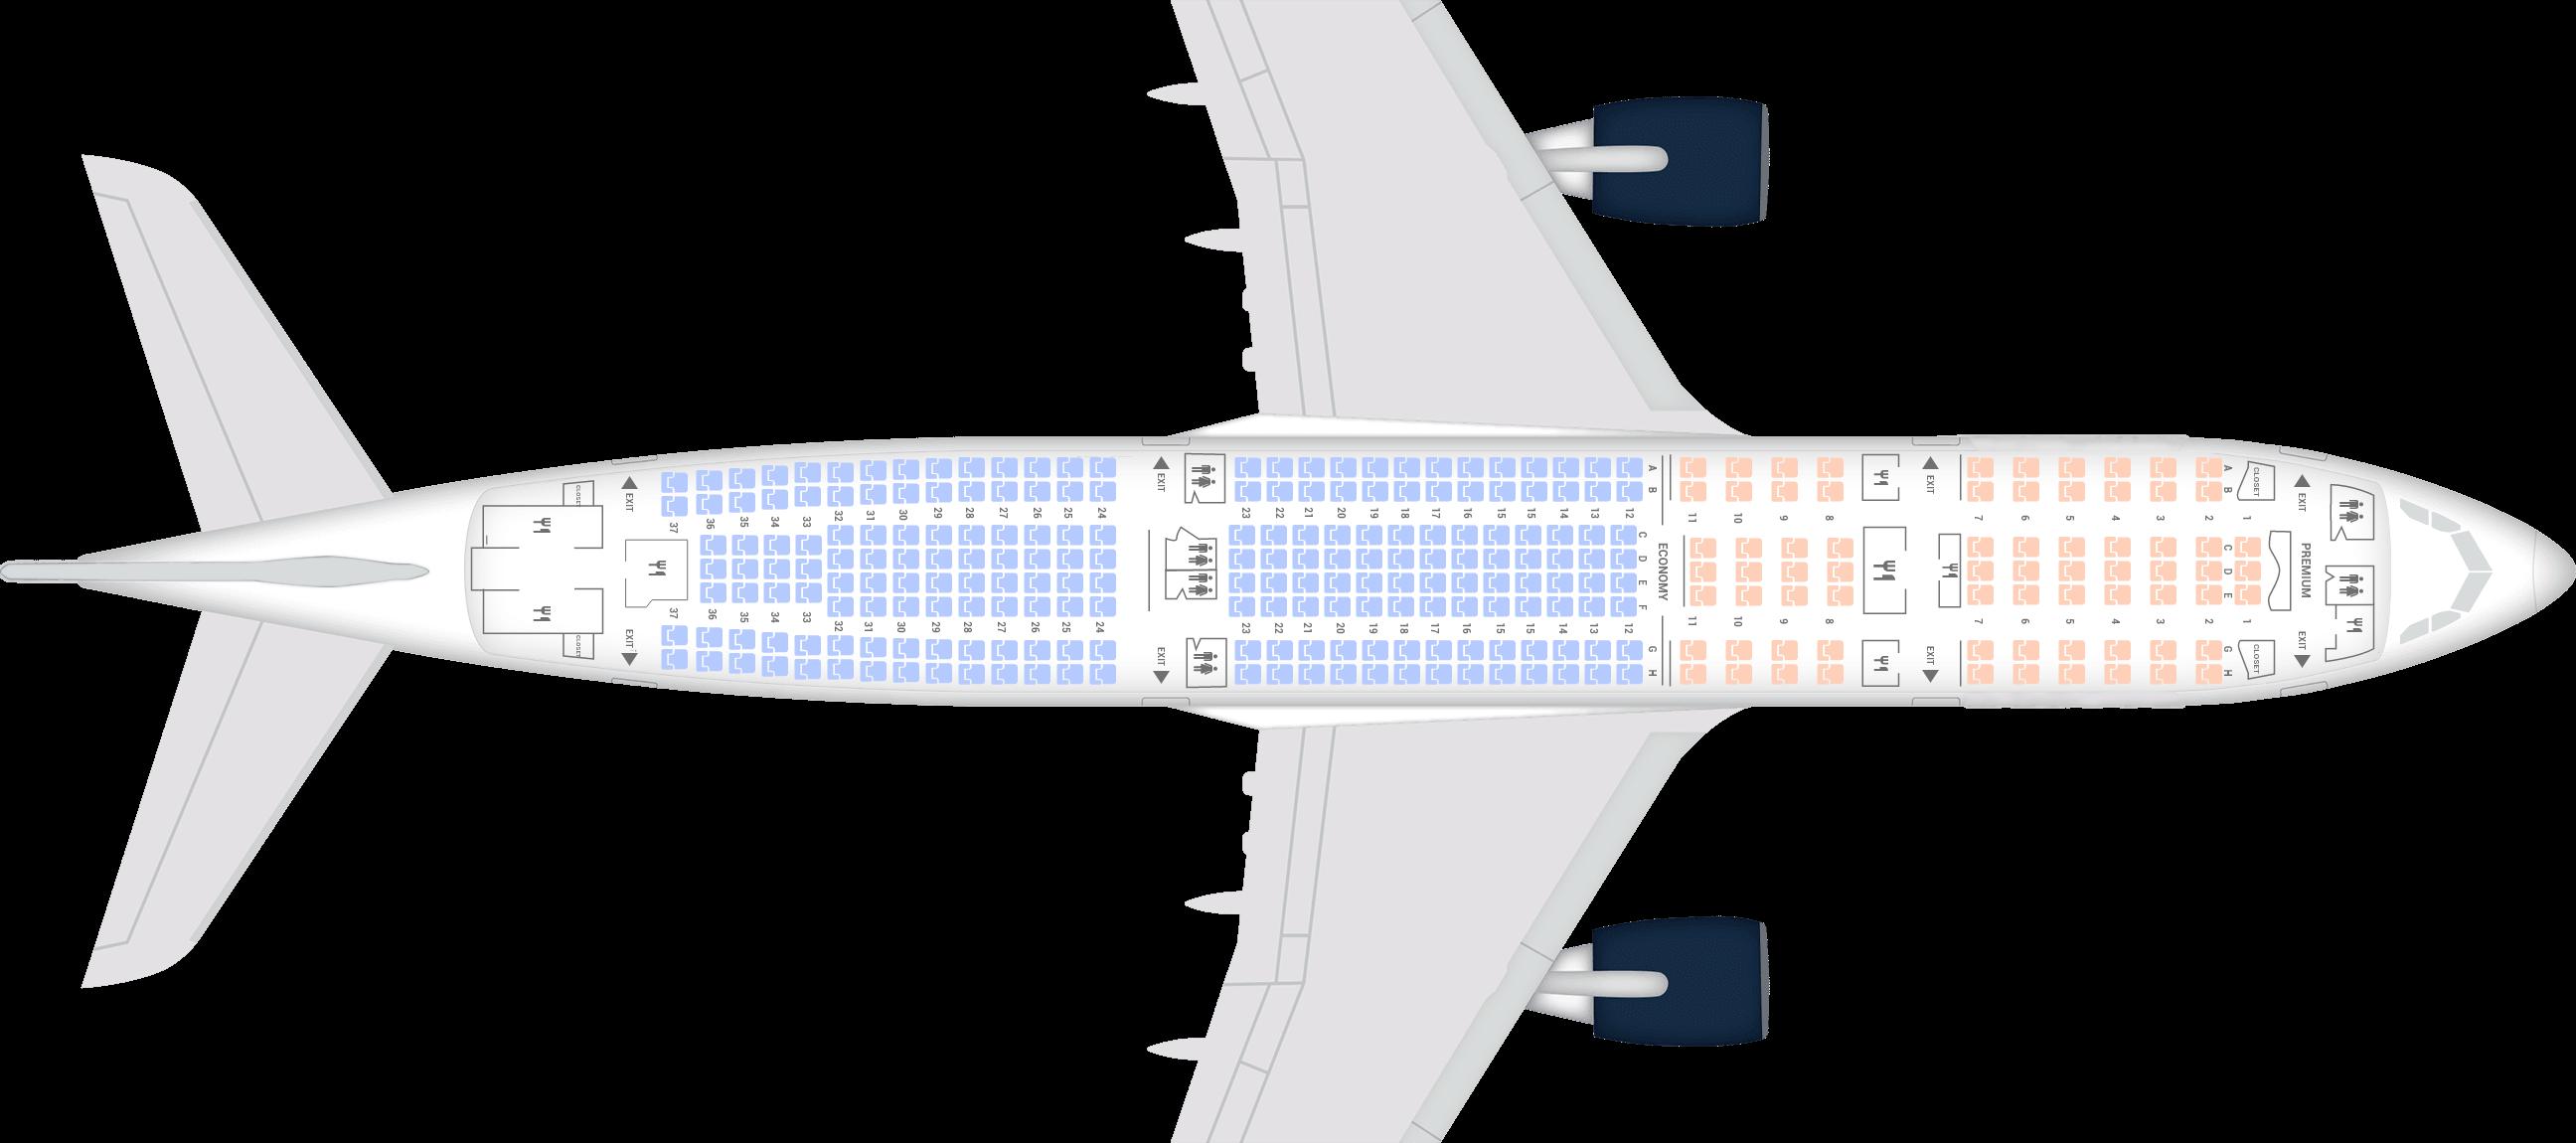 Hans Airways Seat Map